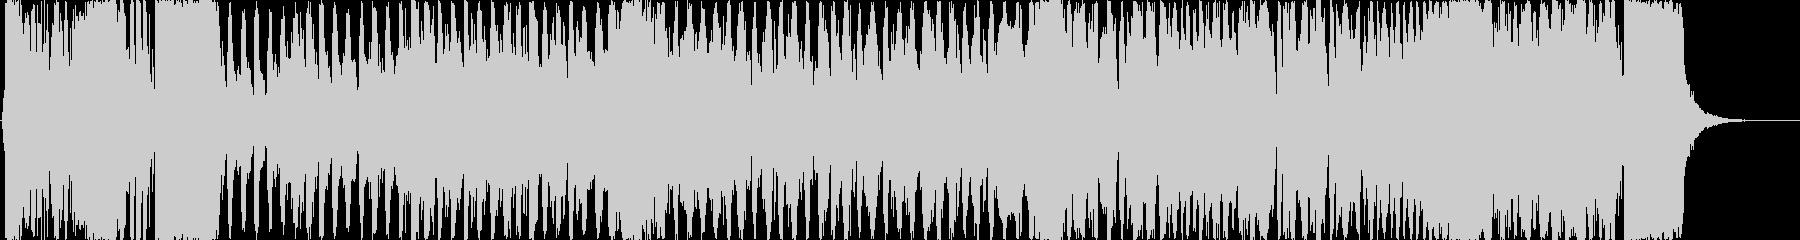 ニュースのOP風の勢いあるオーケストラの未再生の波形